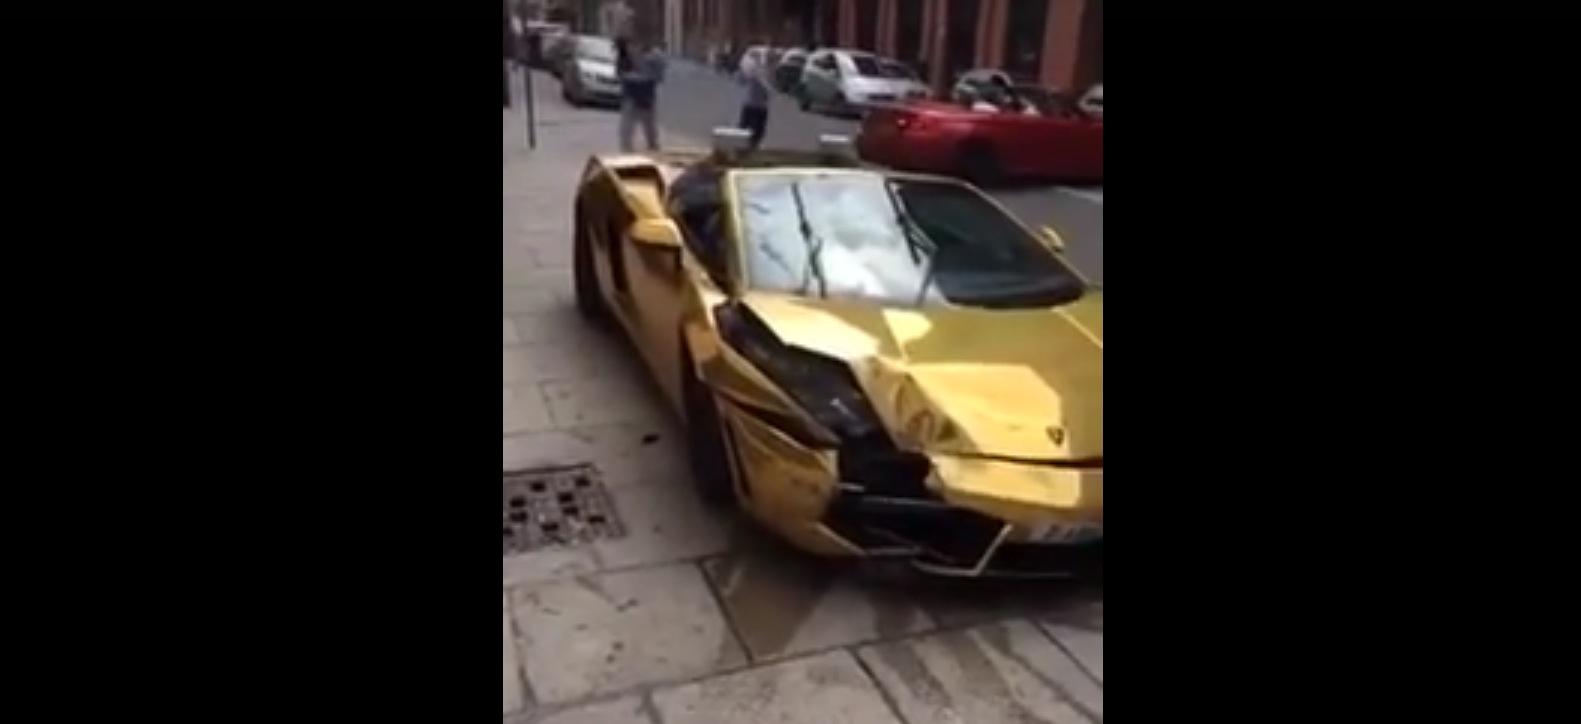 Gold Wrapped Lamborghini Gallardo Crashes In Liverpool